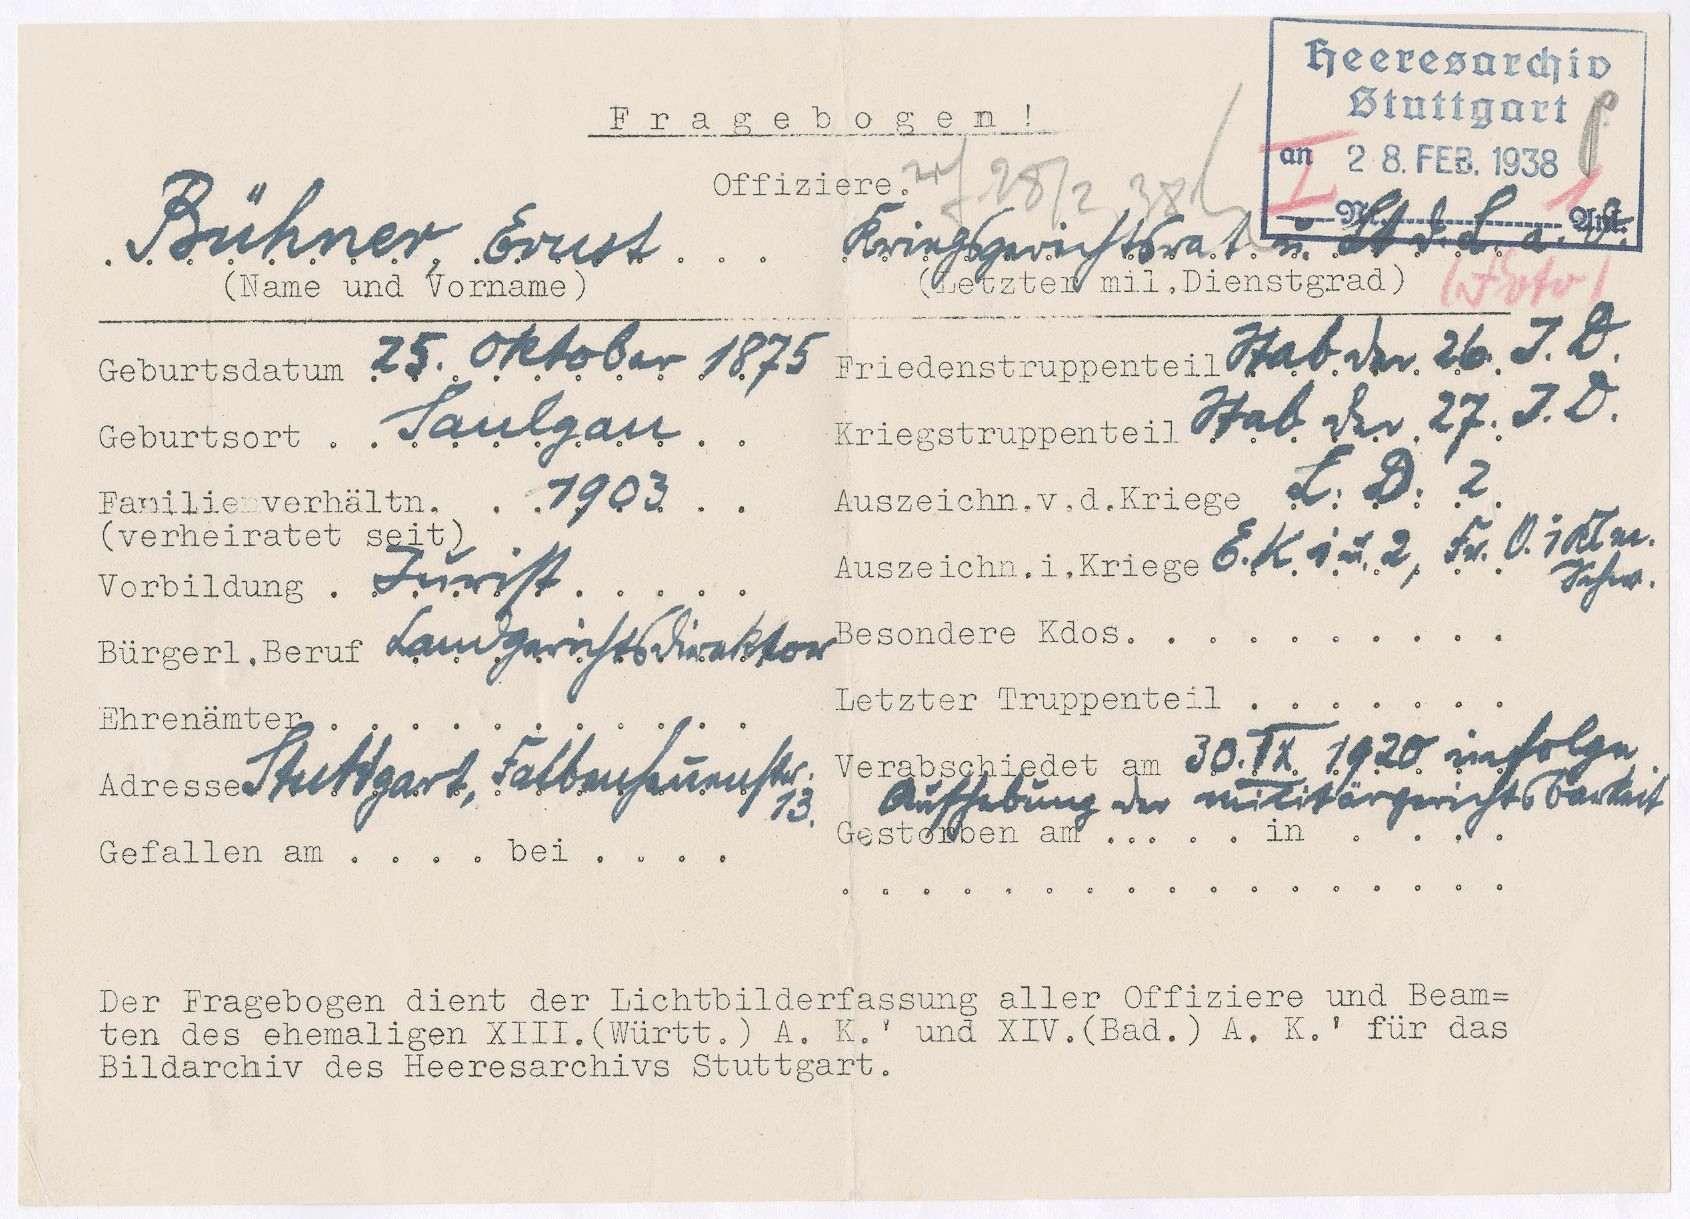 Bühner, Ernst, Bild 1